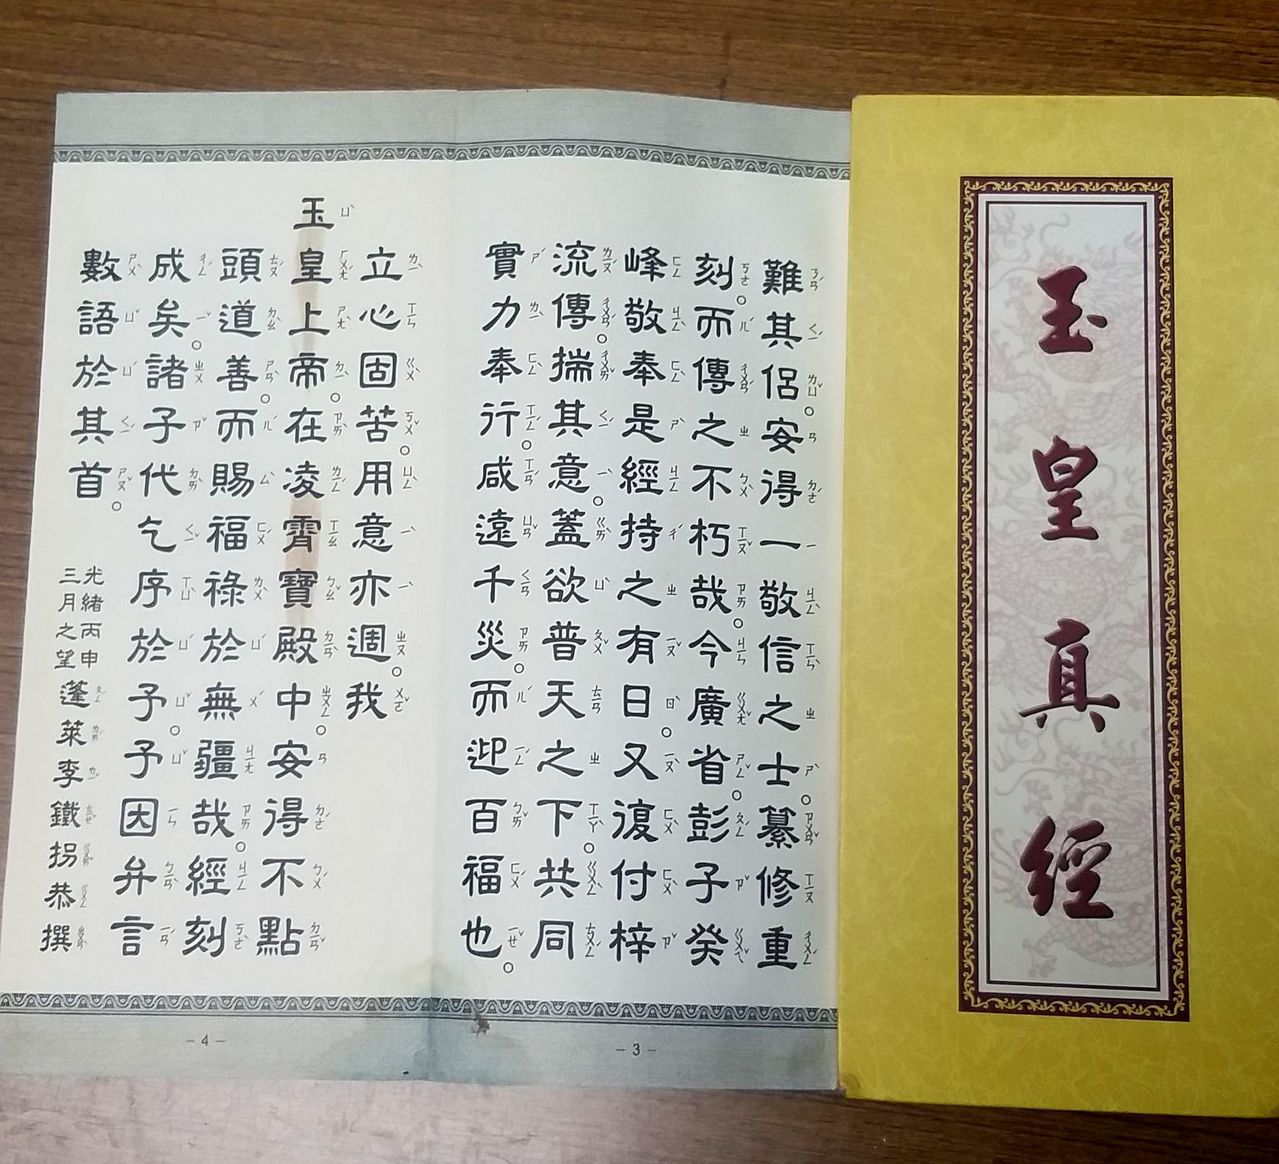 黃姓男子所帶著道教經書「玉皇真經」。記者林保光/翻攝